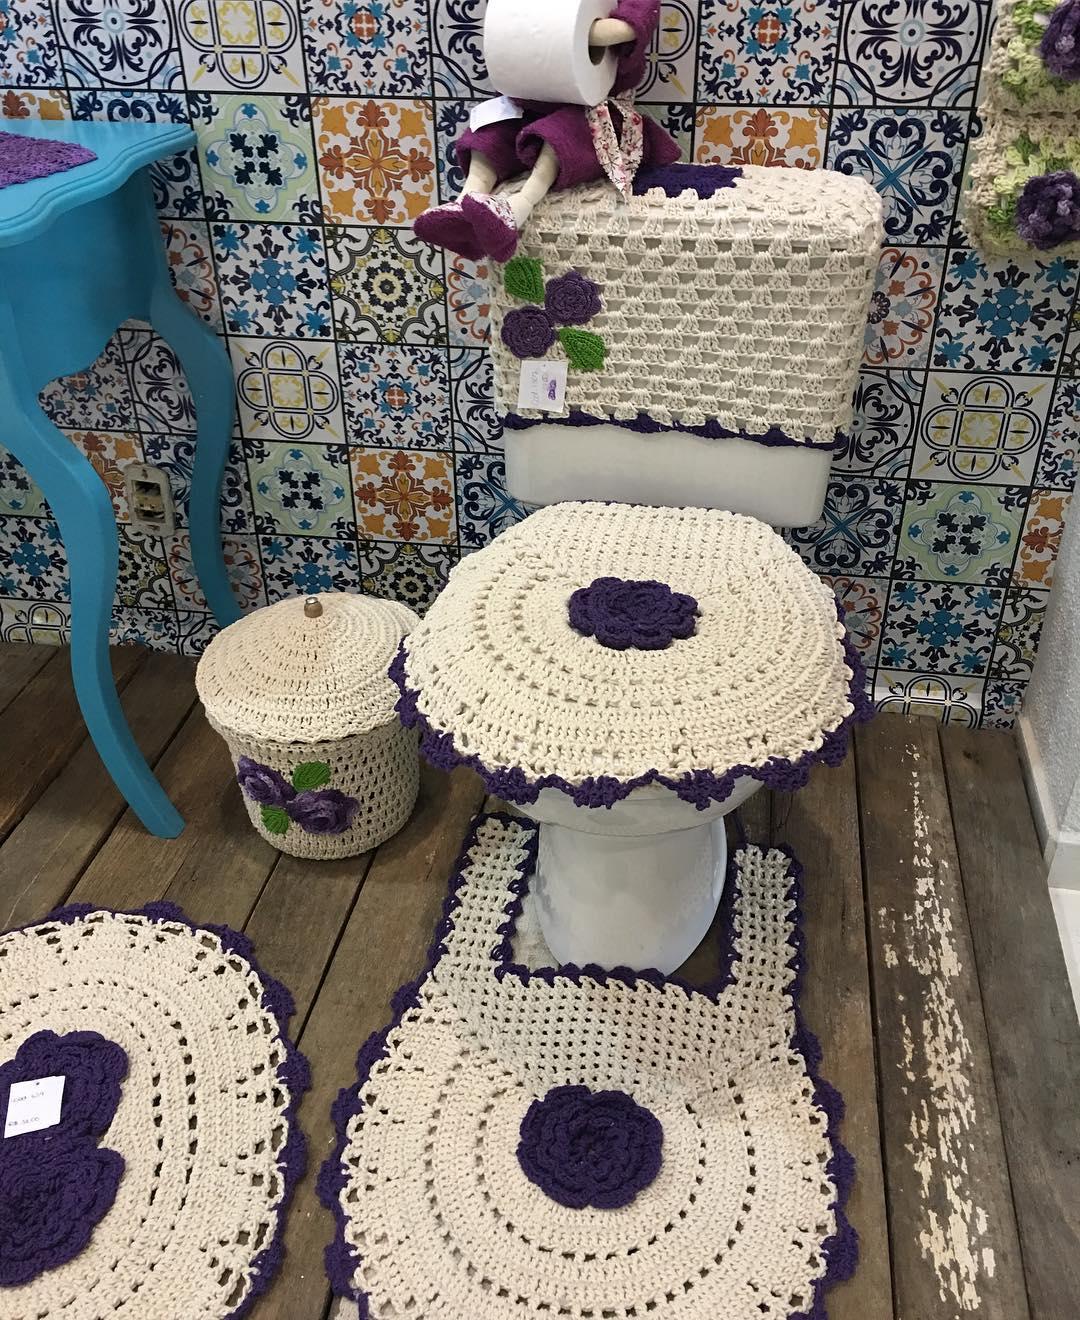 Jogo De Banheiro Completo : Jogo de banheiro croch? fotos ideias e passo a